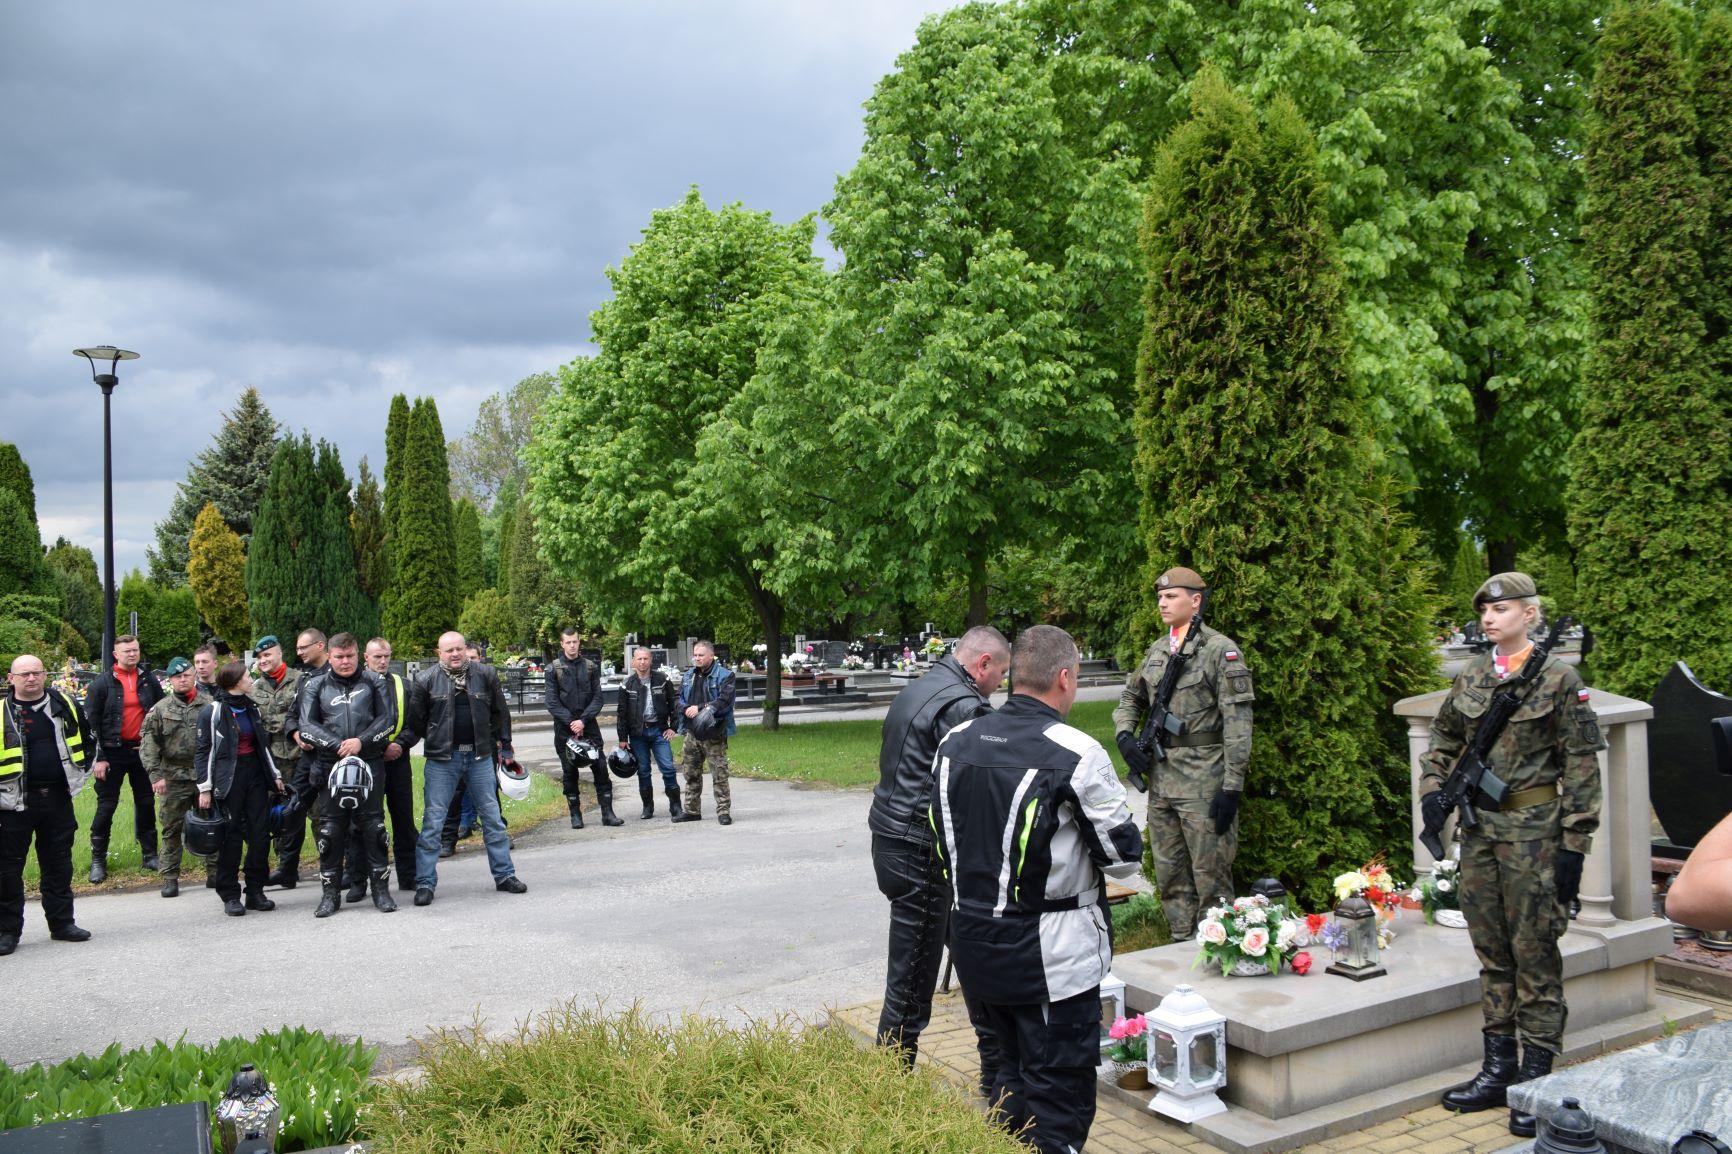 2lbot rajd weterana 3 Lubelscy Terytorialsi w II Rajdzie Motocyklowym Weteranów